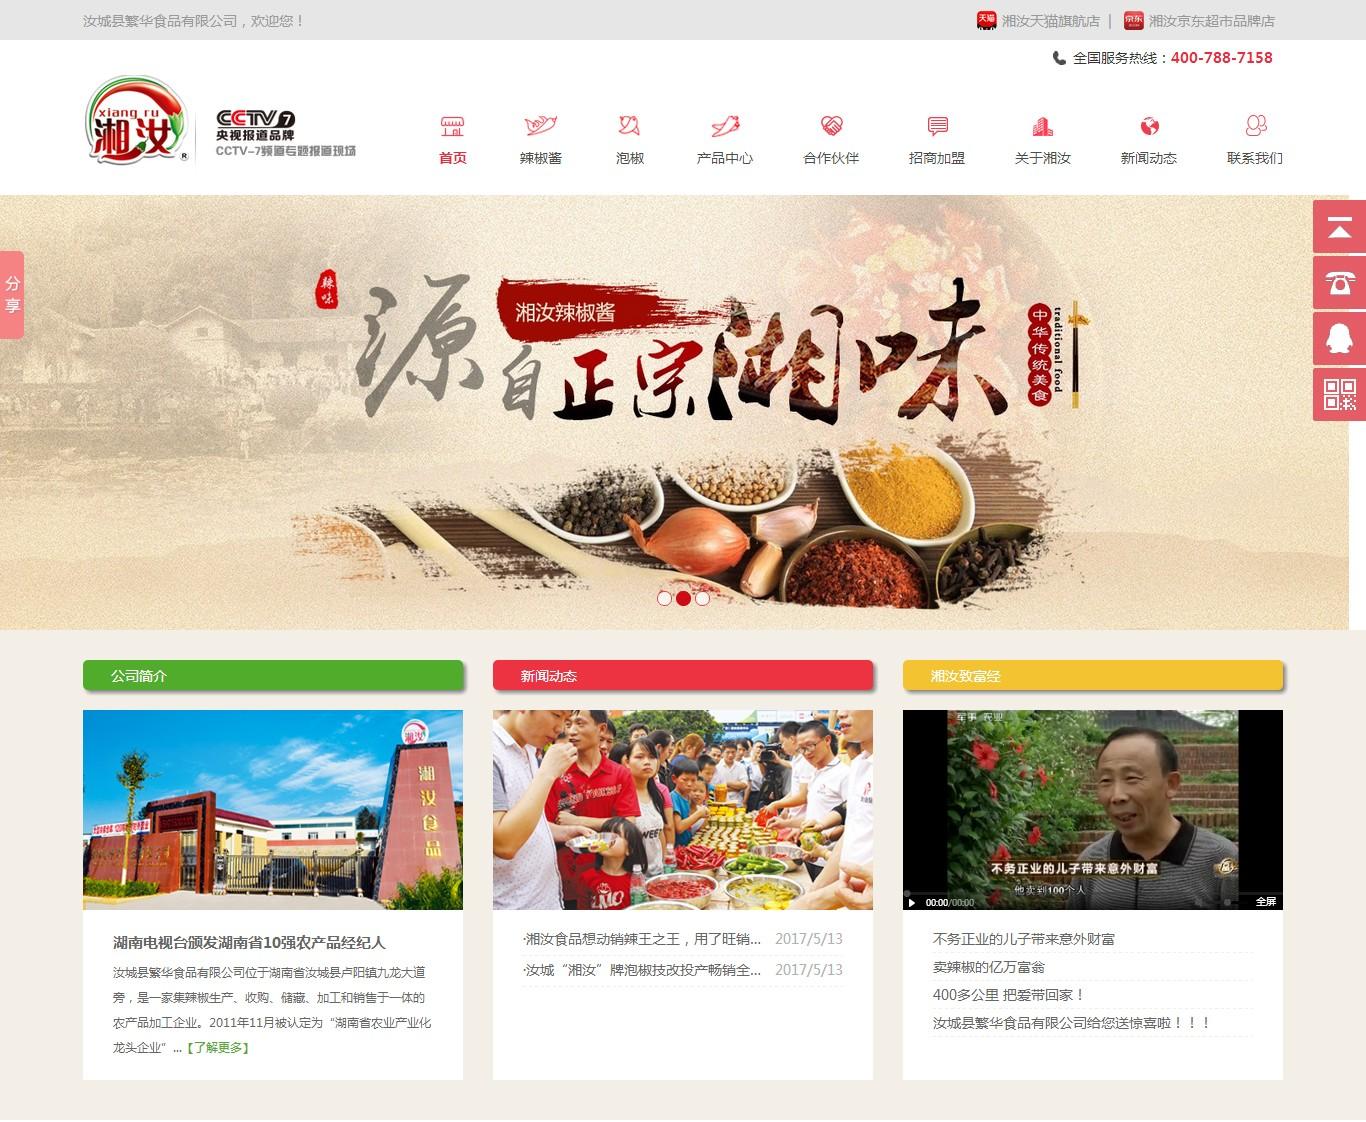 汝城县繁华食品有限公司